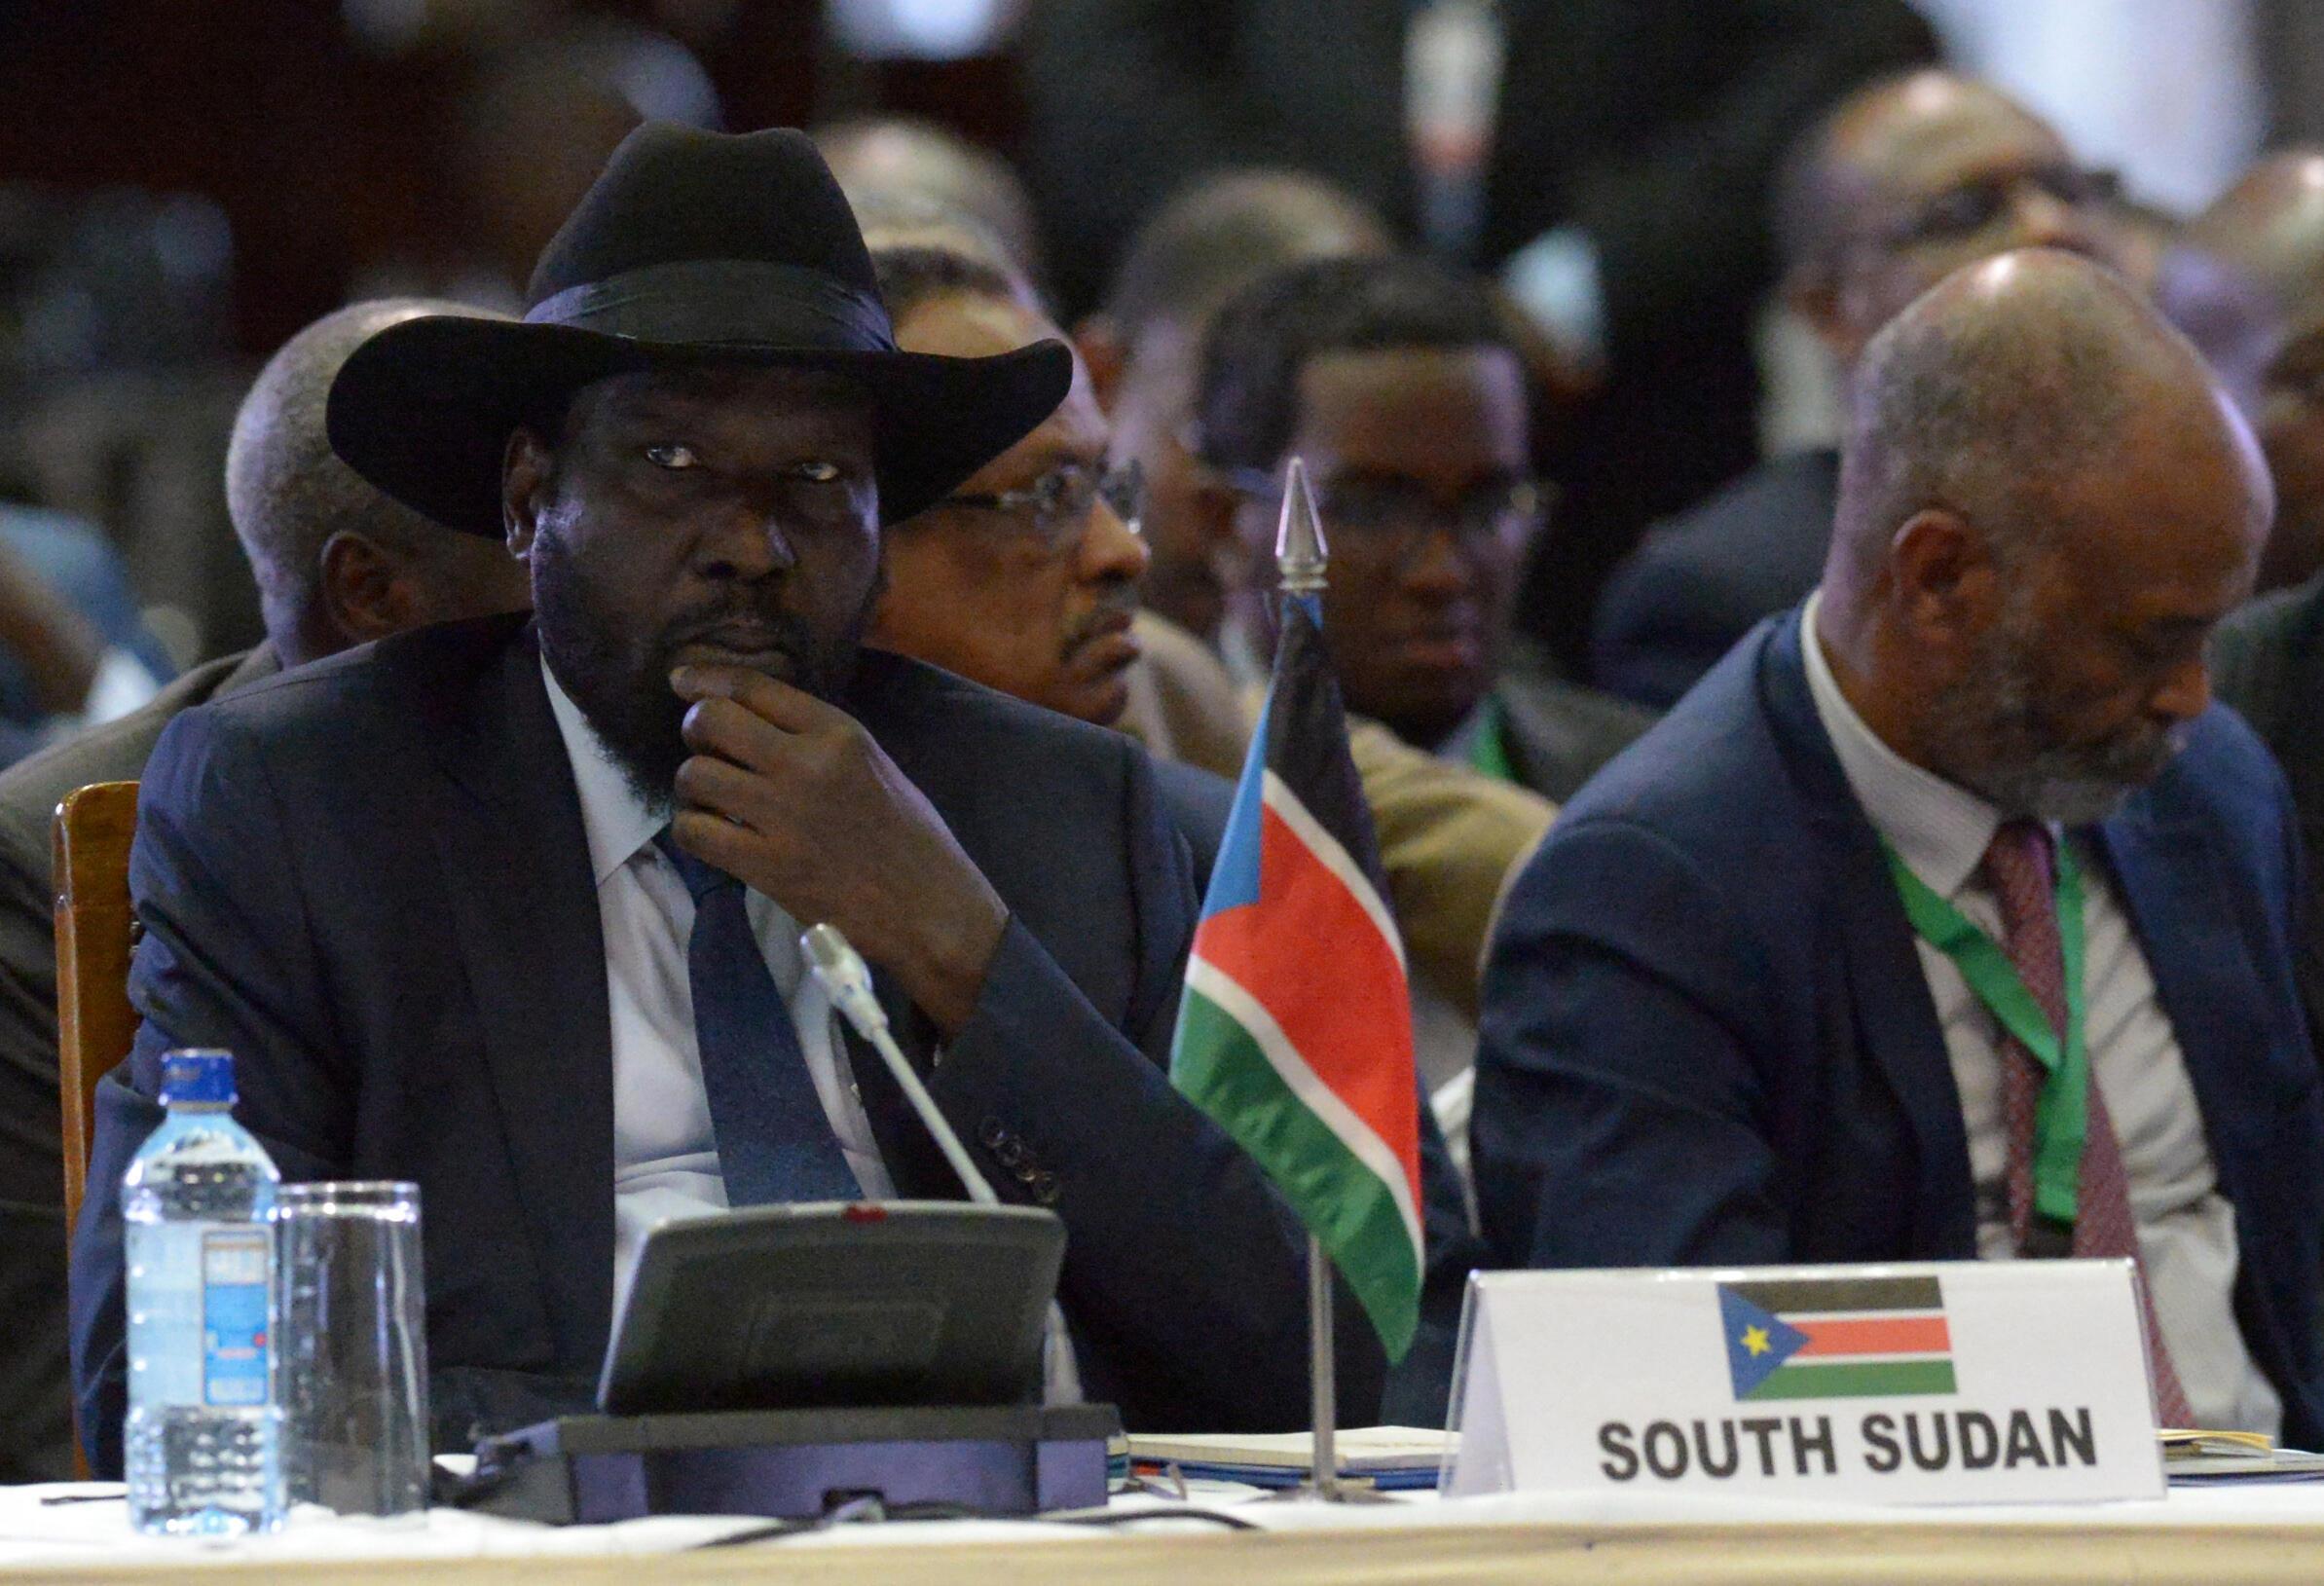 (Photo d'illustration) Le président sud-soudanais Salva Kiir lors du sommet de l'Igad, le 25 mars 2017 à Nairobi.